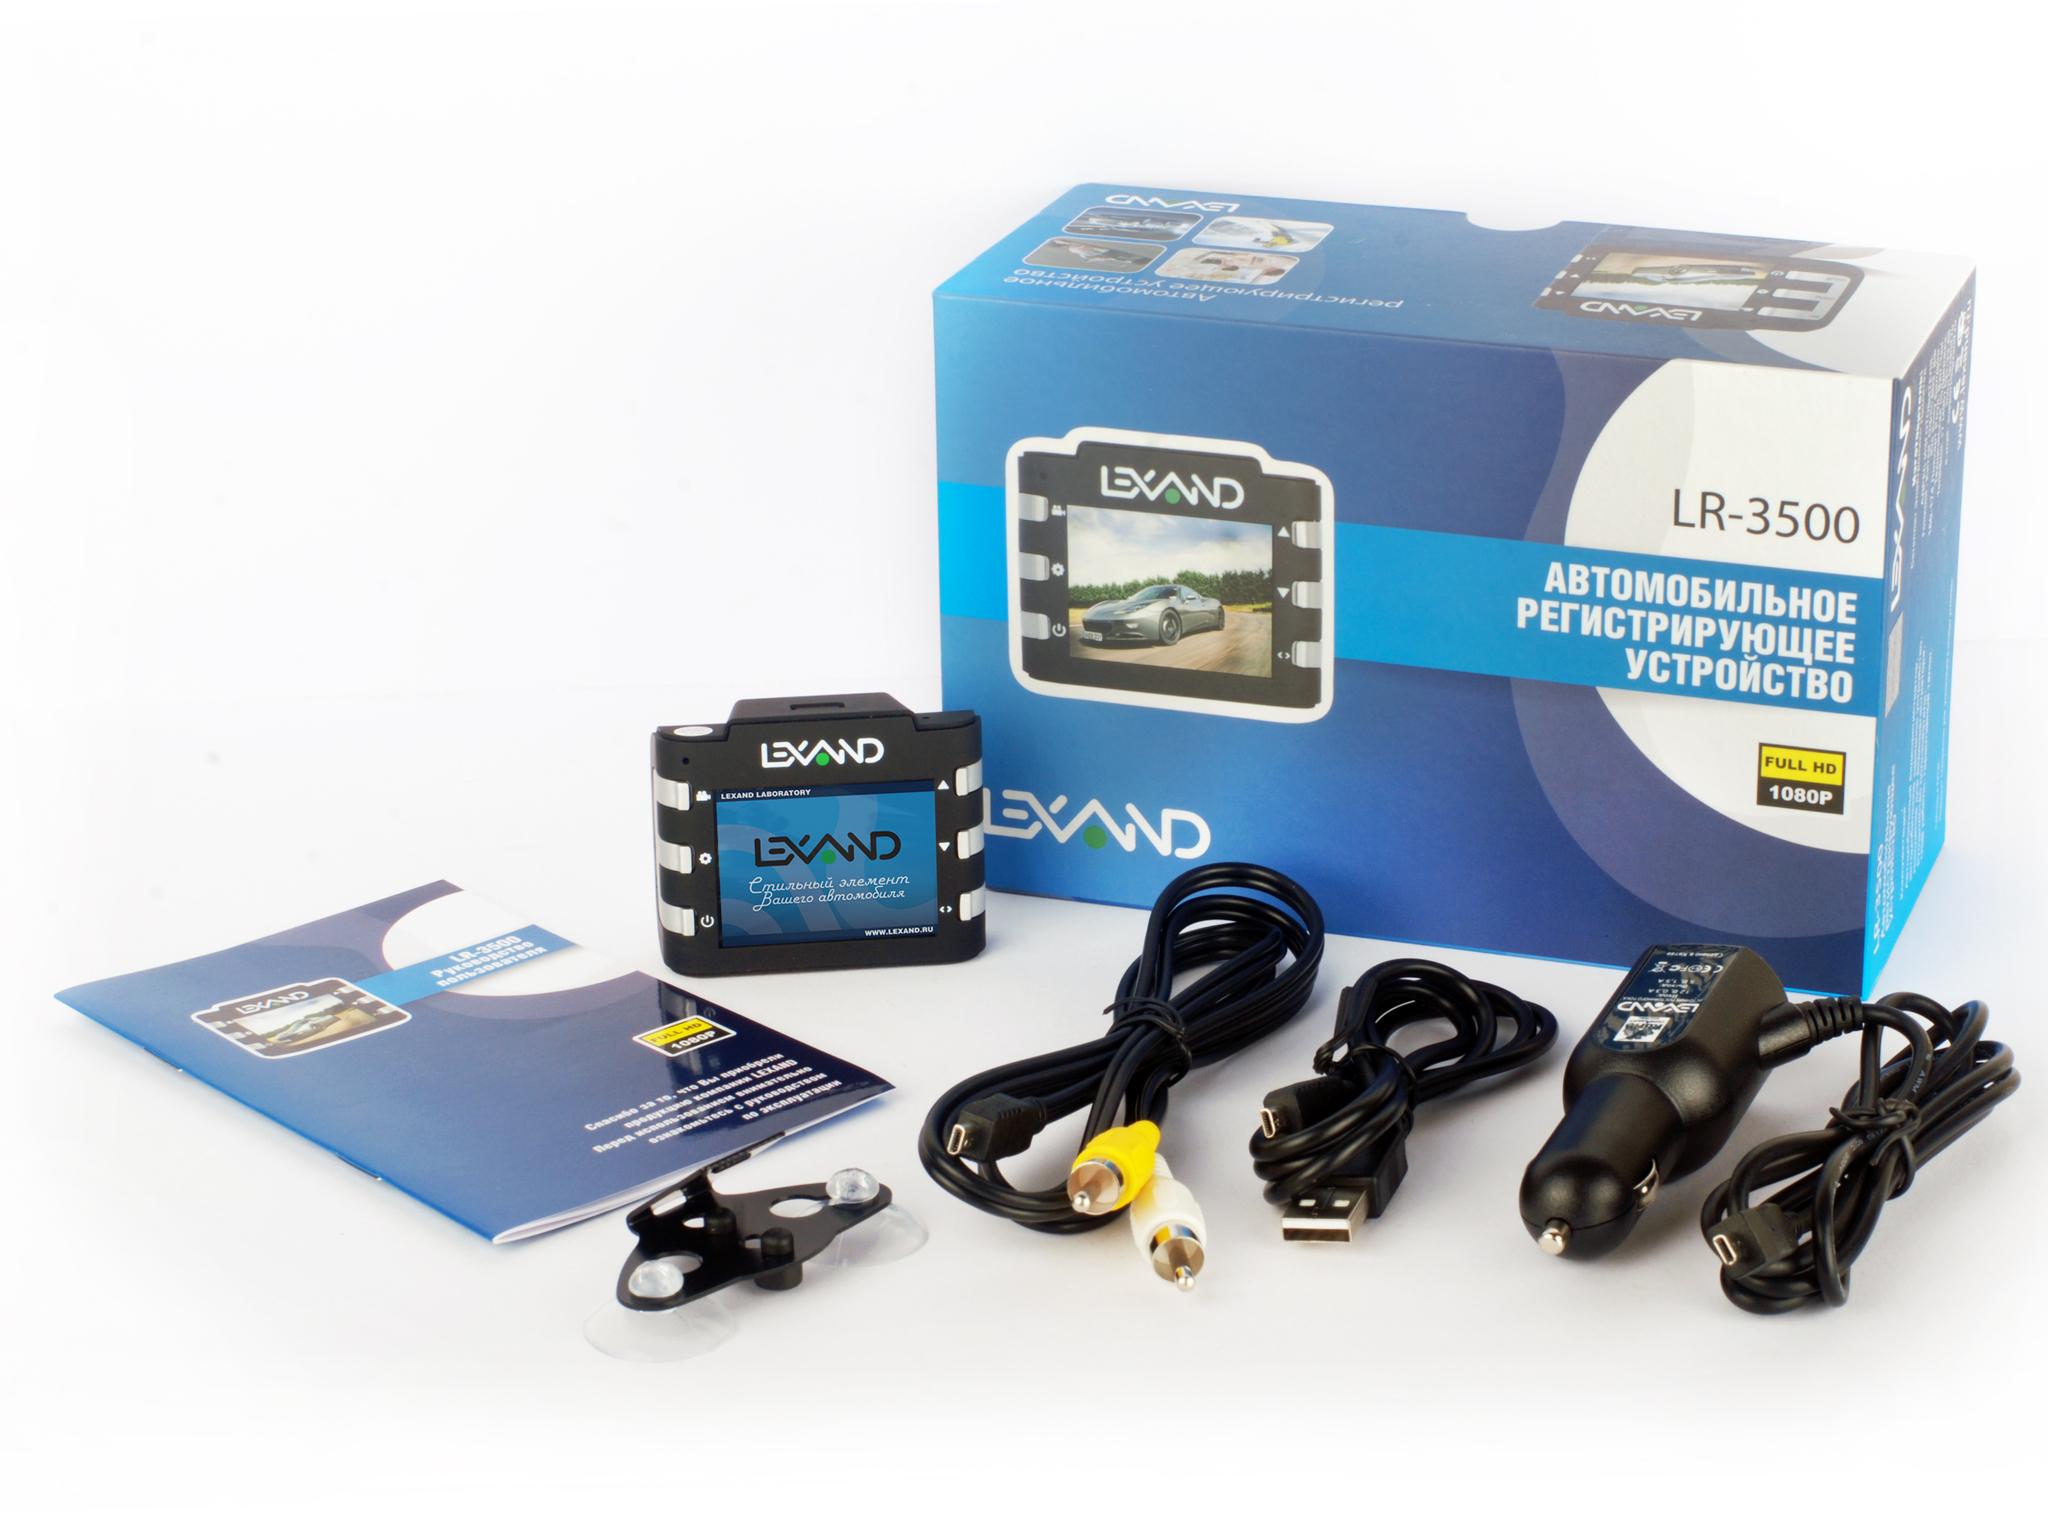 Видеорегистратор lr-3500 руководство пользователя mio mivue 238 hd видеорегистратор с датчиком удара